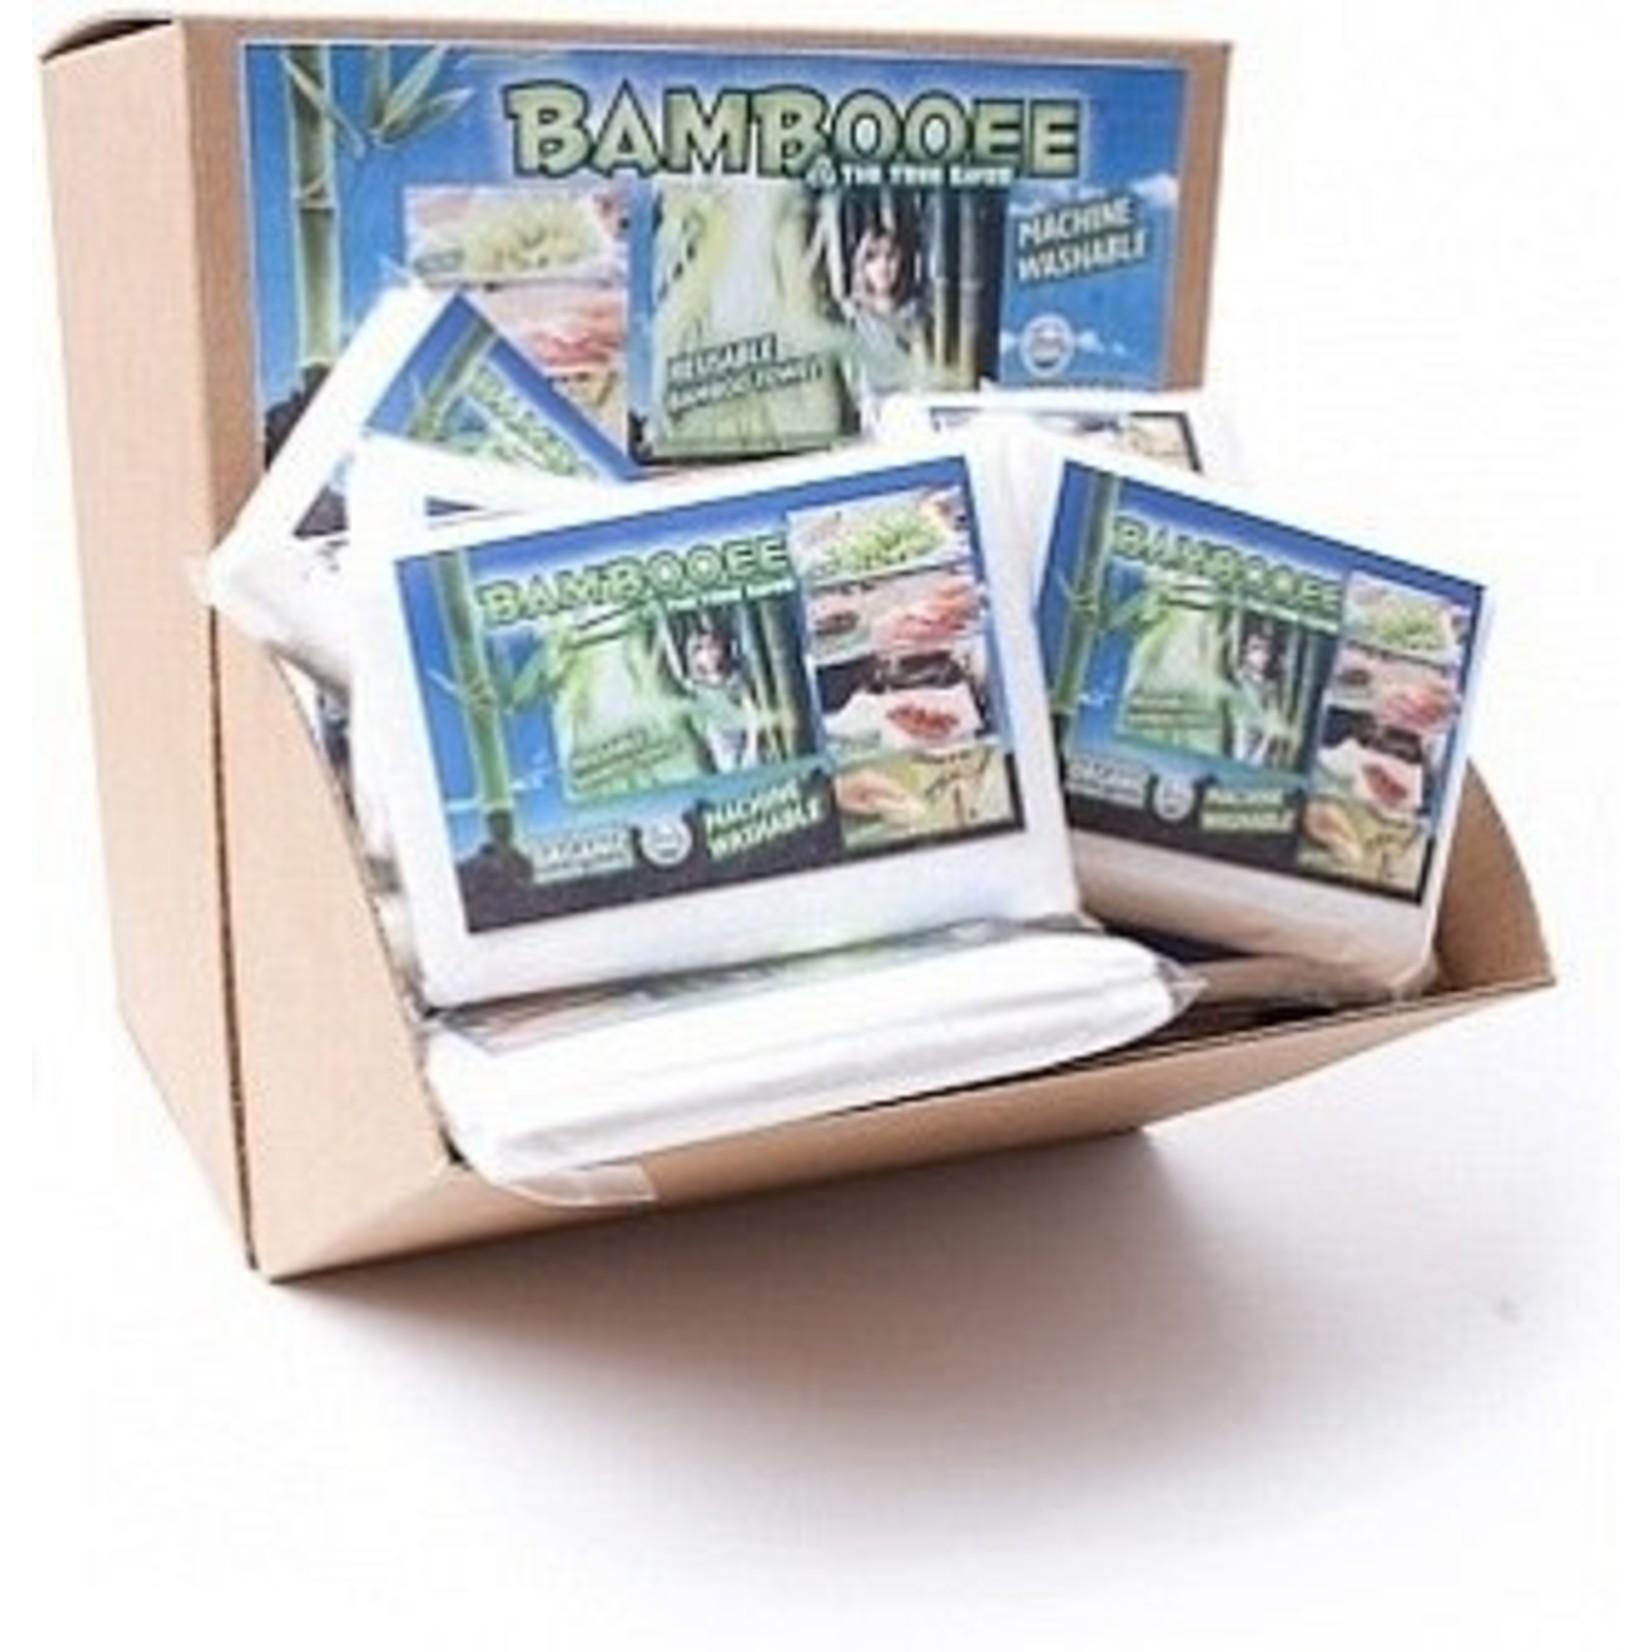 Bambooee Bambooee Reusable Towel Xtra Thick